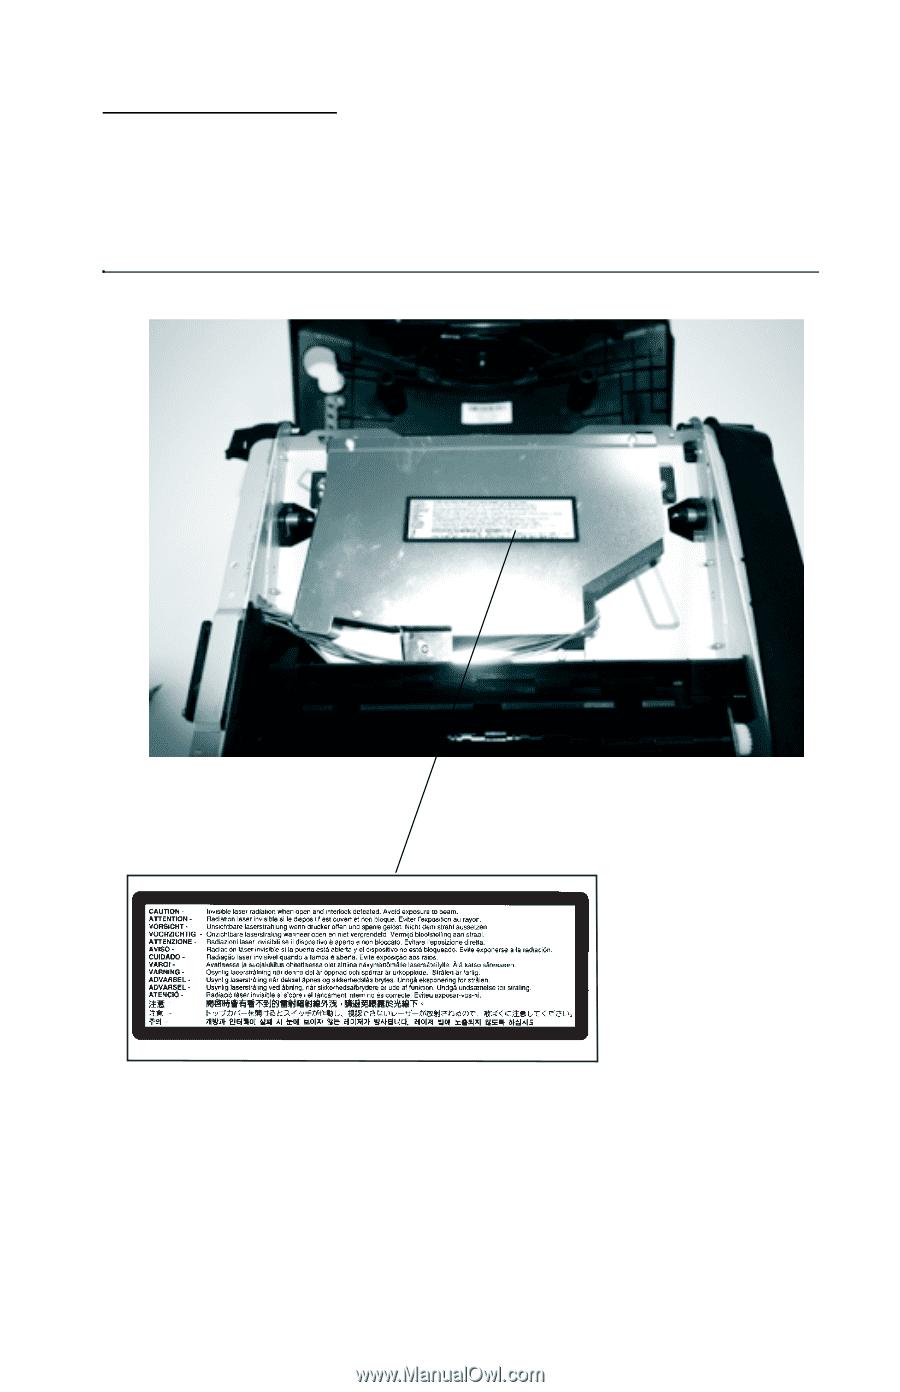 lexmark e240 manual